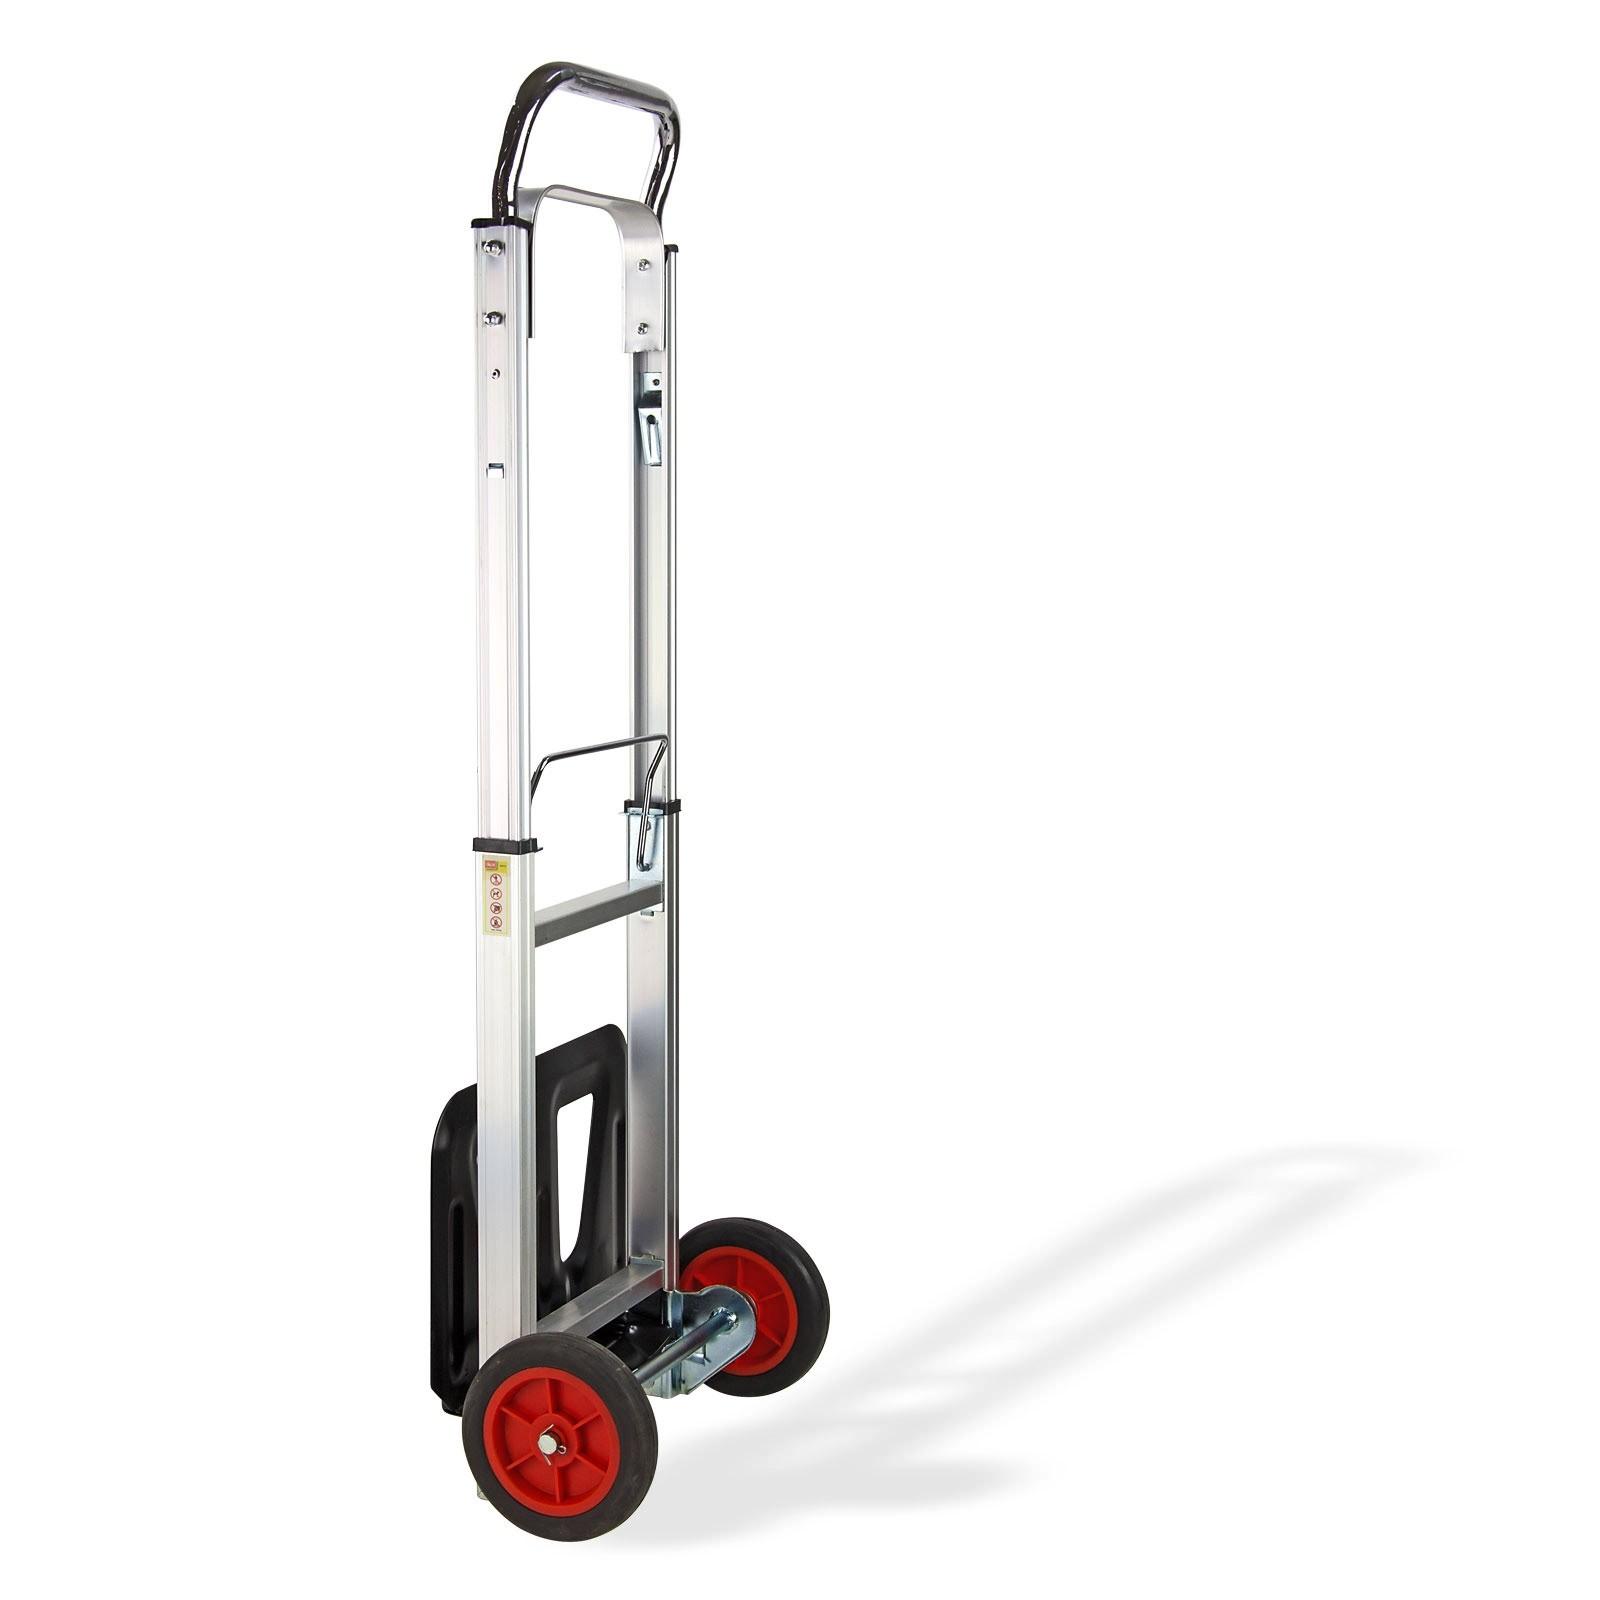 alu sackkarre transportkarre klappbar robust bis 90 kg. Black Bedroom Furniture Sets. Home Design Ideas